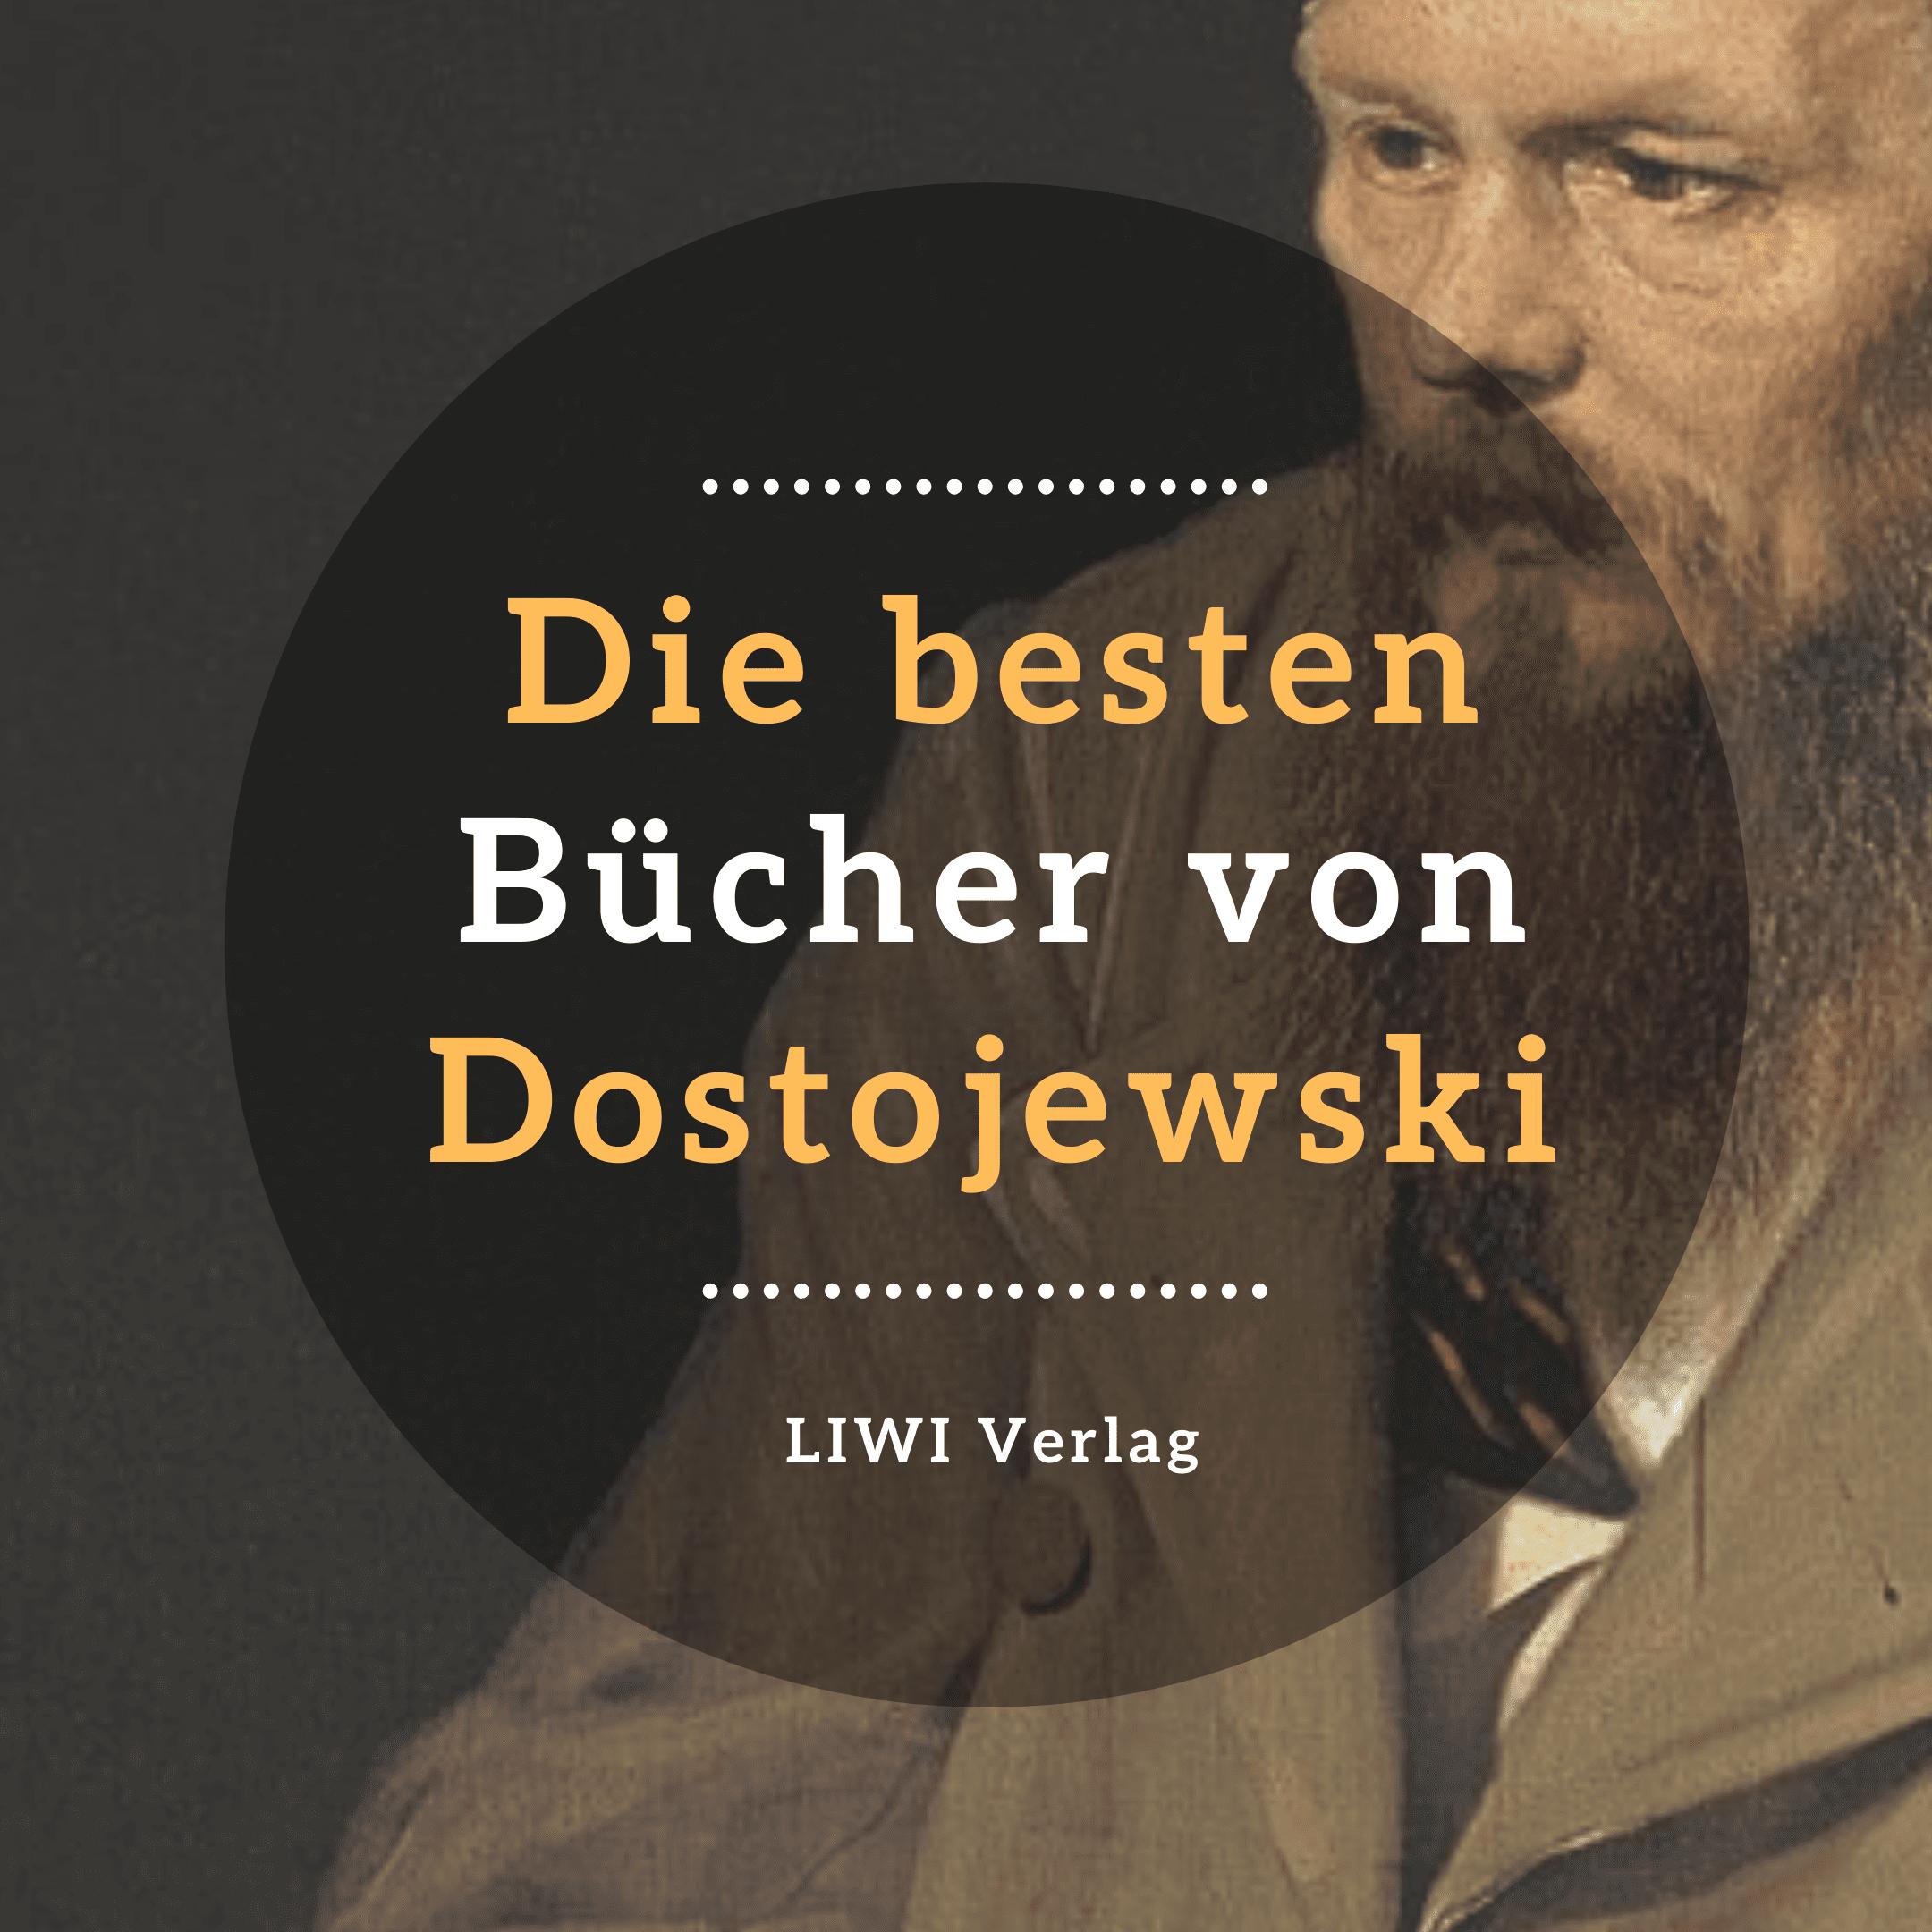 Die besten Bücher von Dostojewski